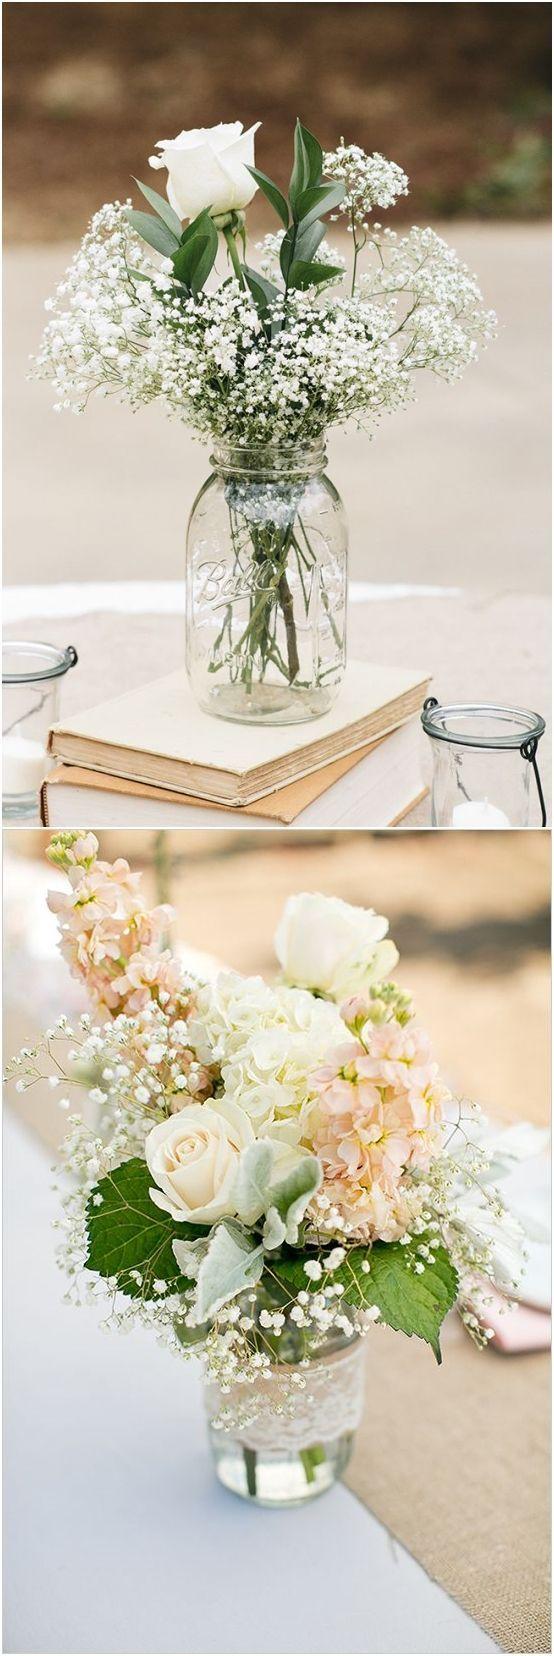 Rustikale Einmachglas Hochzeit Mittelstücke #Hochzeit #Weddingideas #Zentrum / www